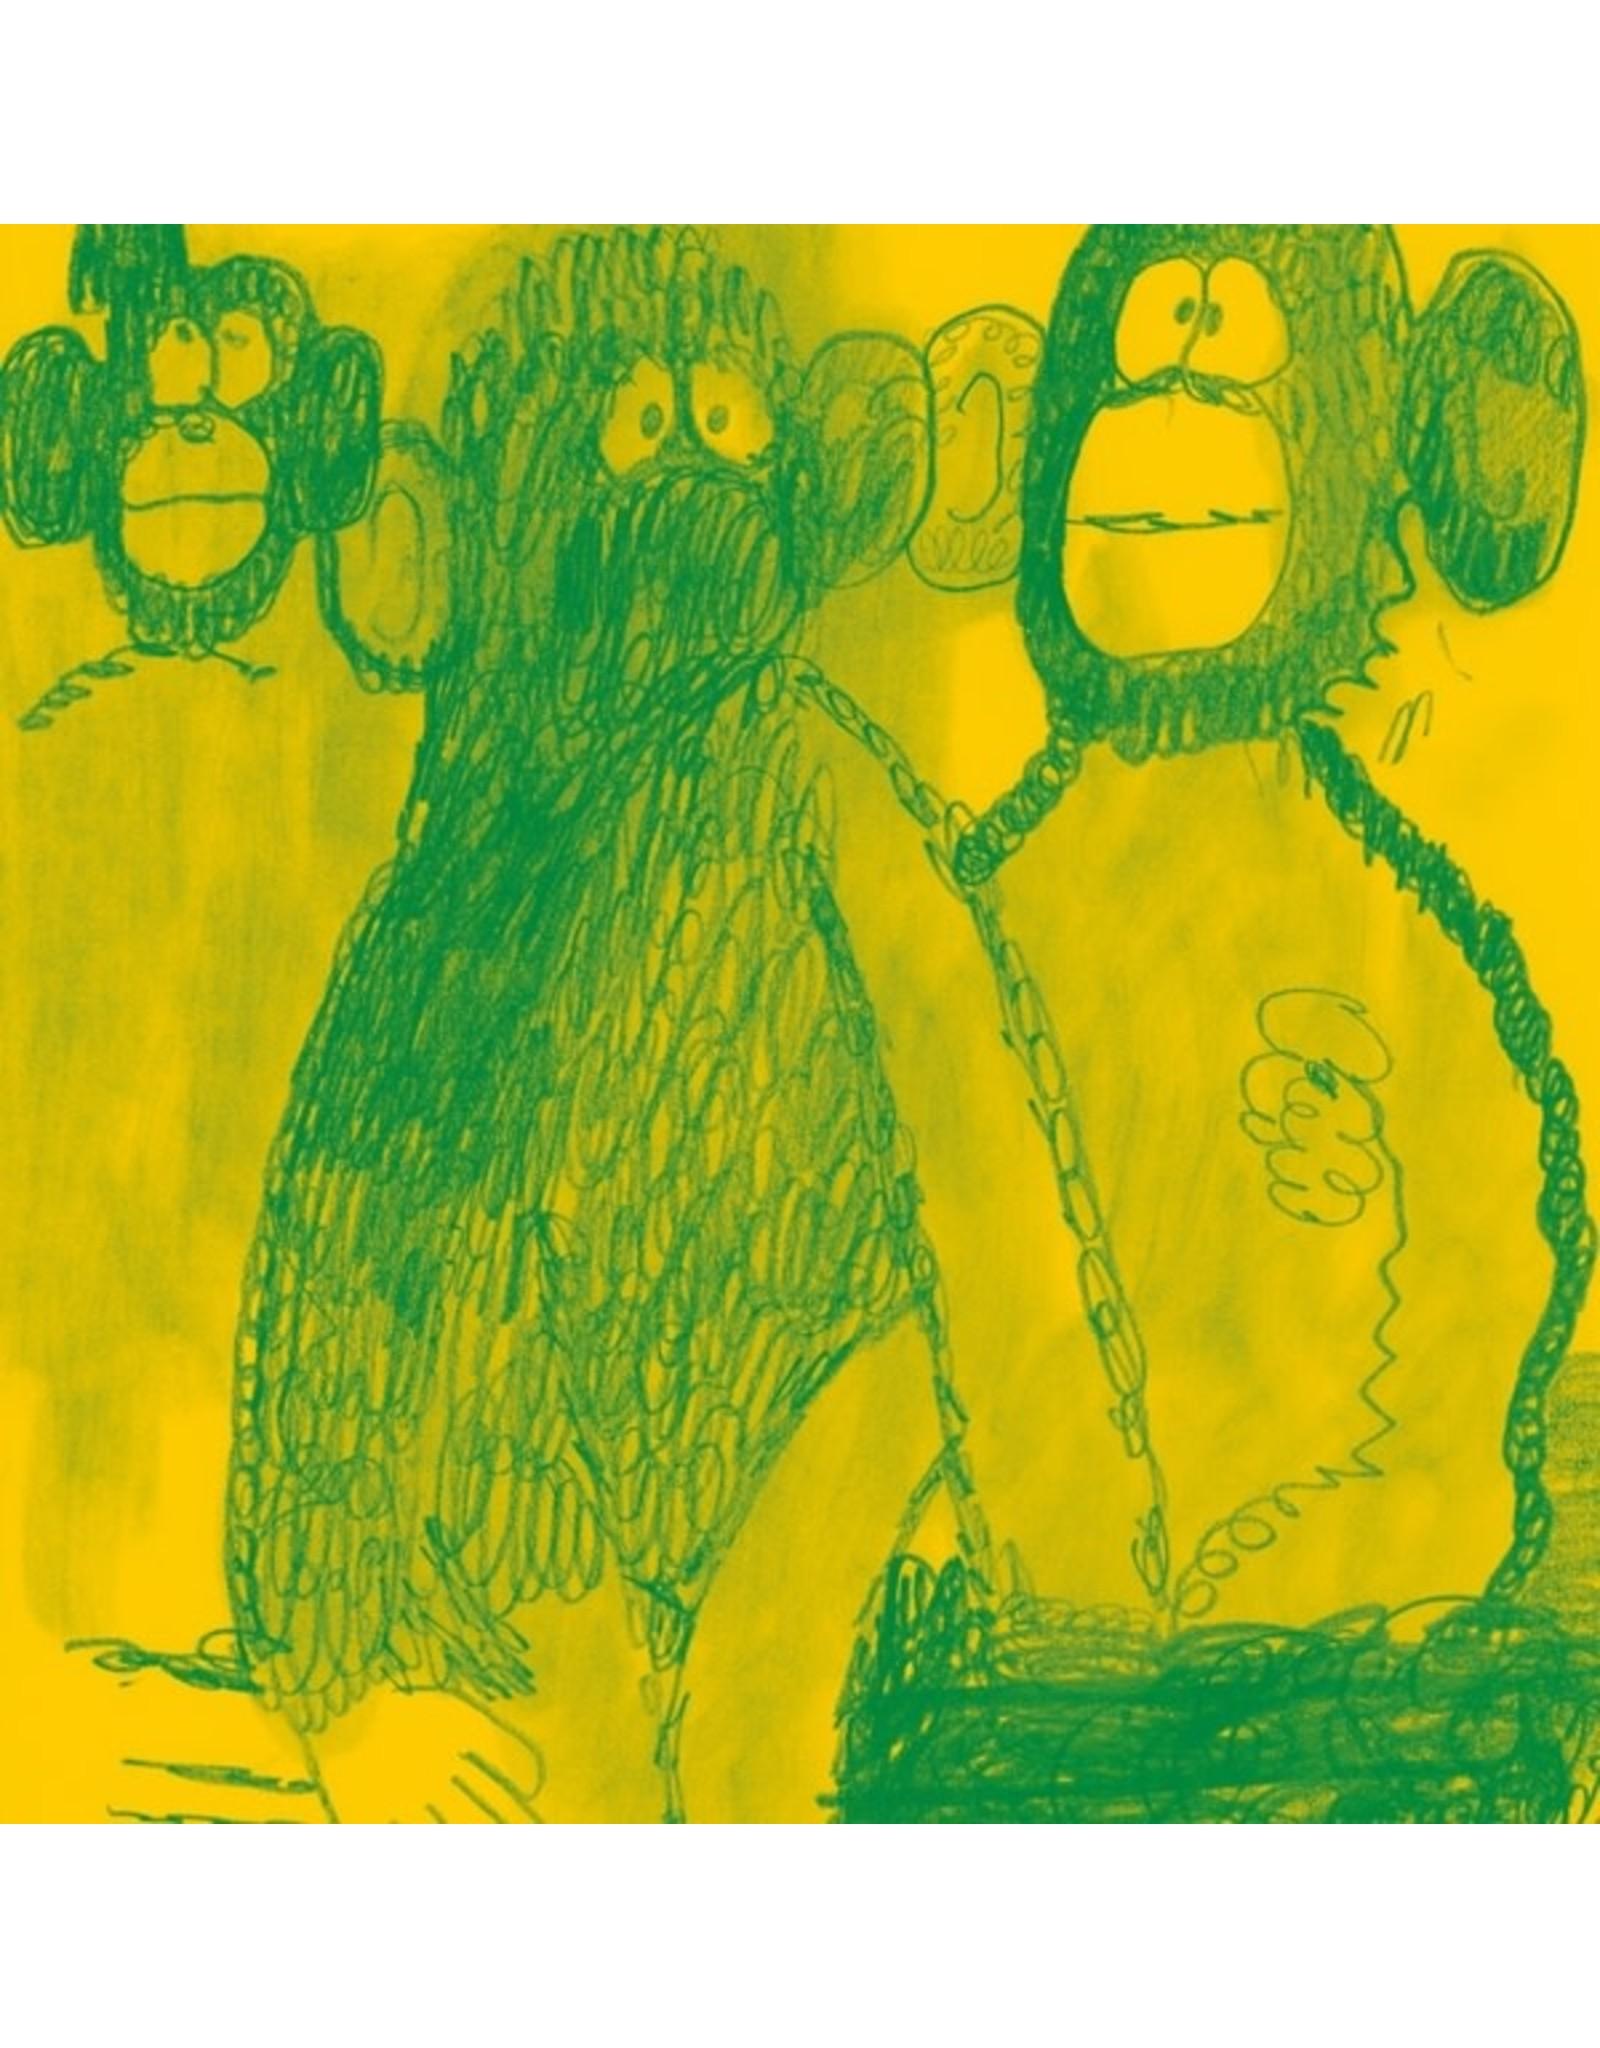 Mule Musiq Skymark: Primeiras Impressoes LP